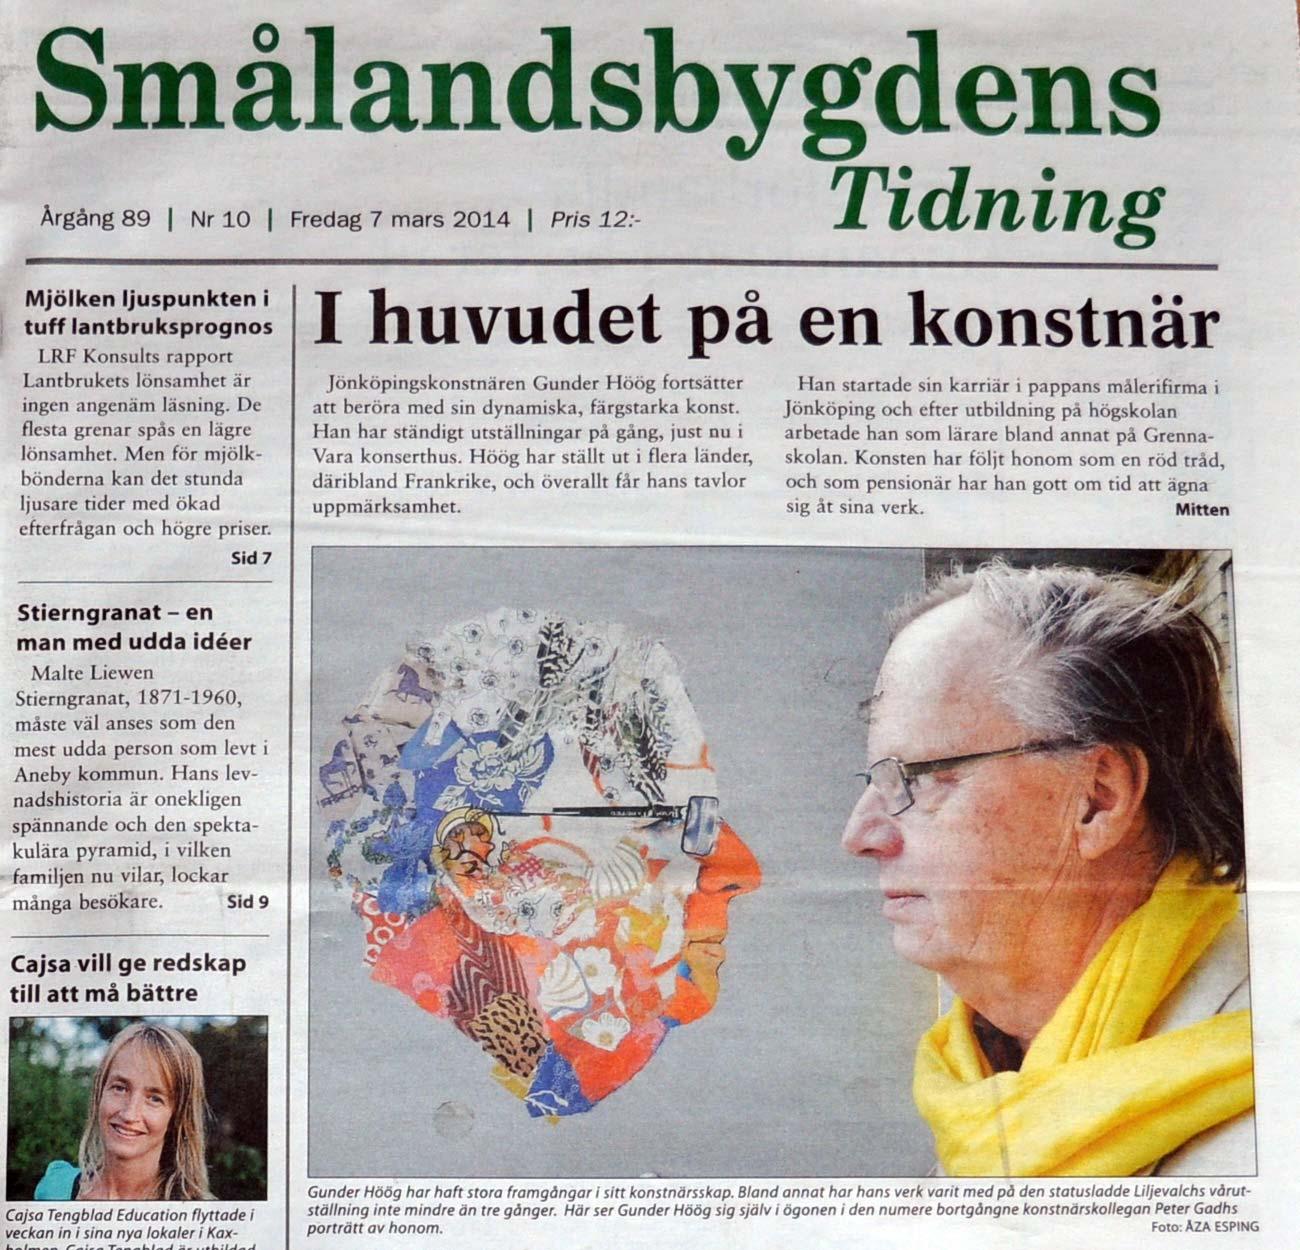 smalandsbygdens-tidning-hoo